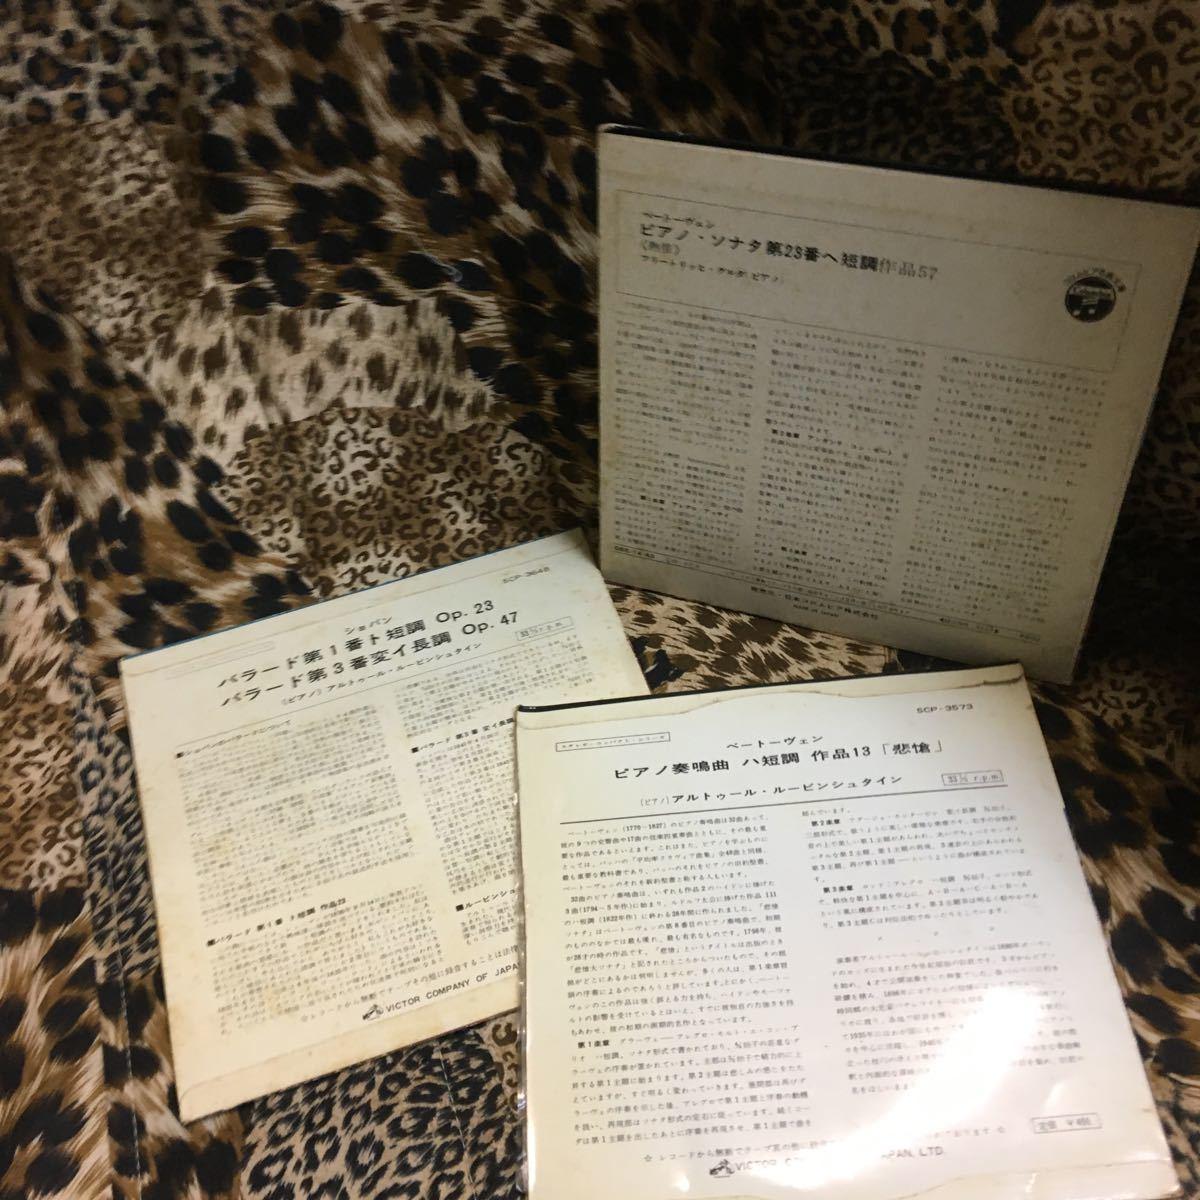 【ベートーヴェン ショパン】ピアノ シングル SCP-3648 3573 OSS-14-AD コロンビア ビクター クラシック レコード 33回転【19/11 B-1】_画像5